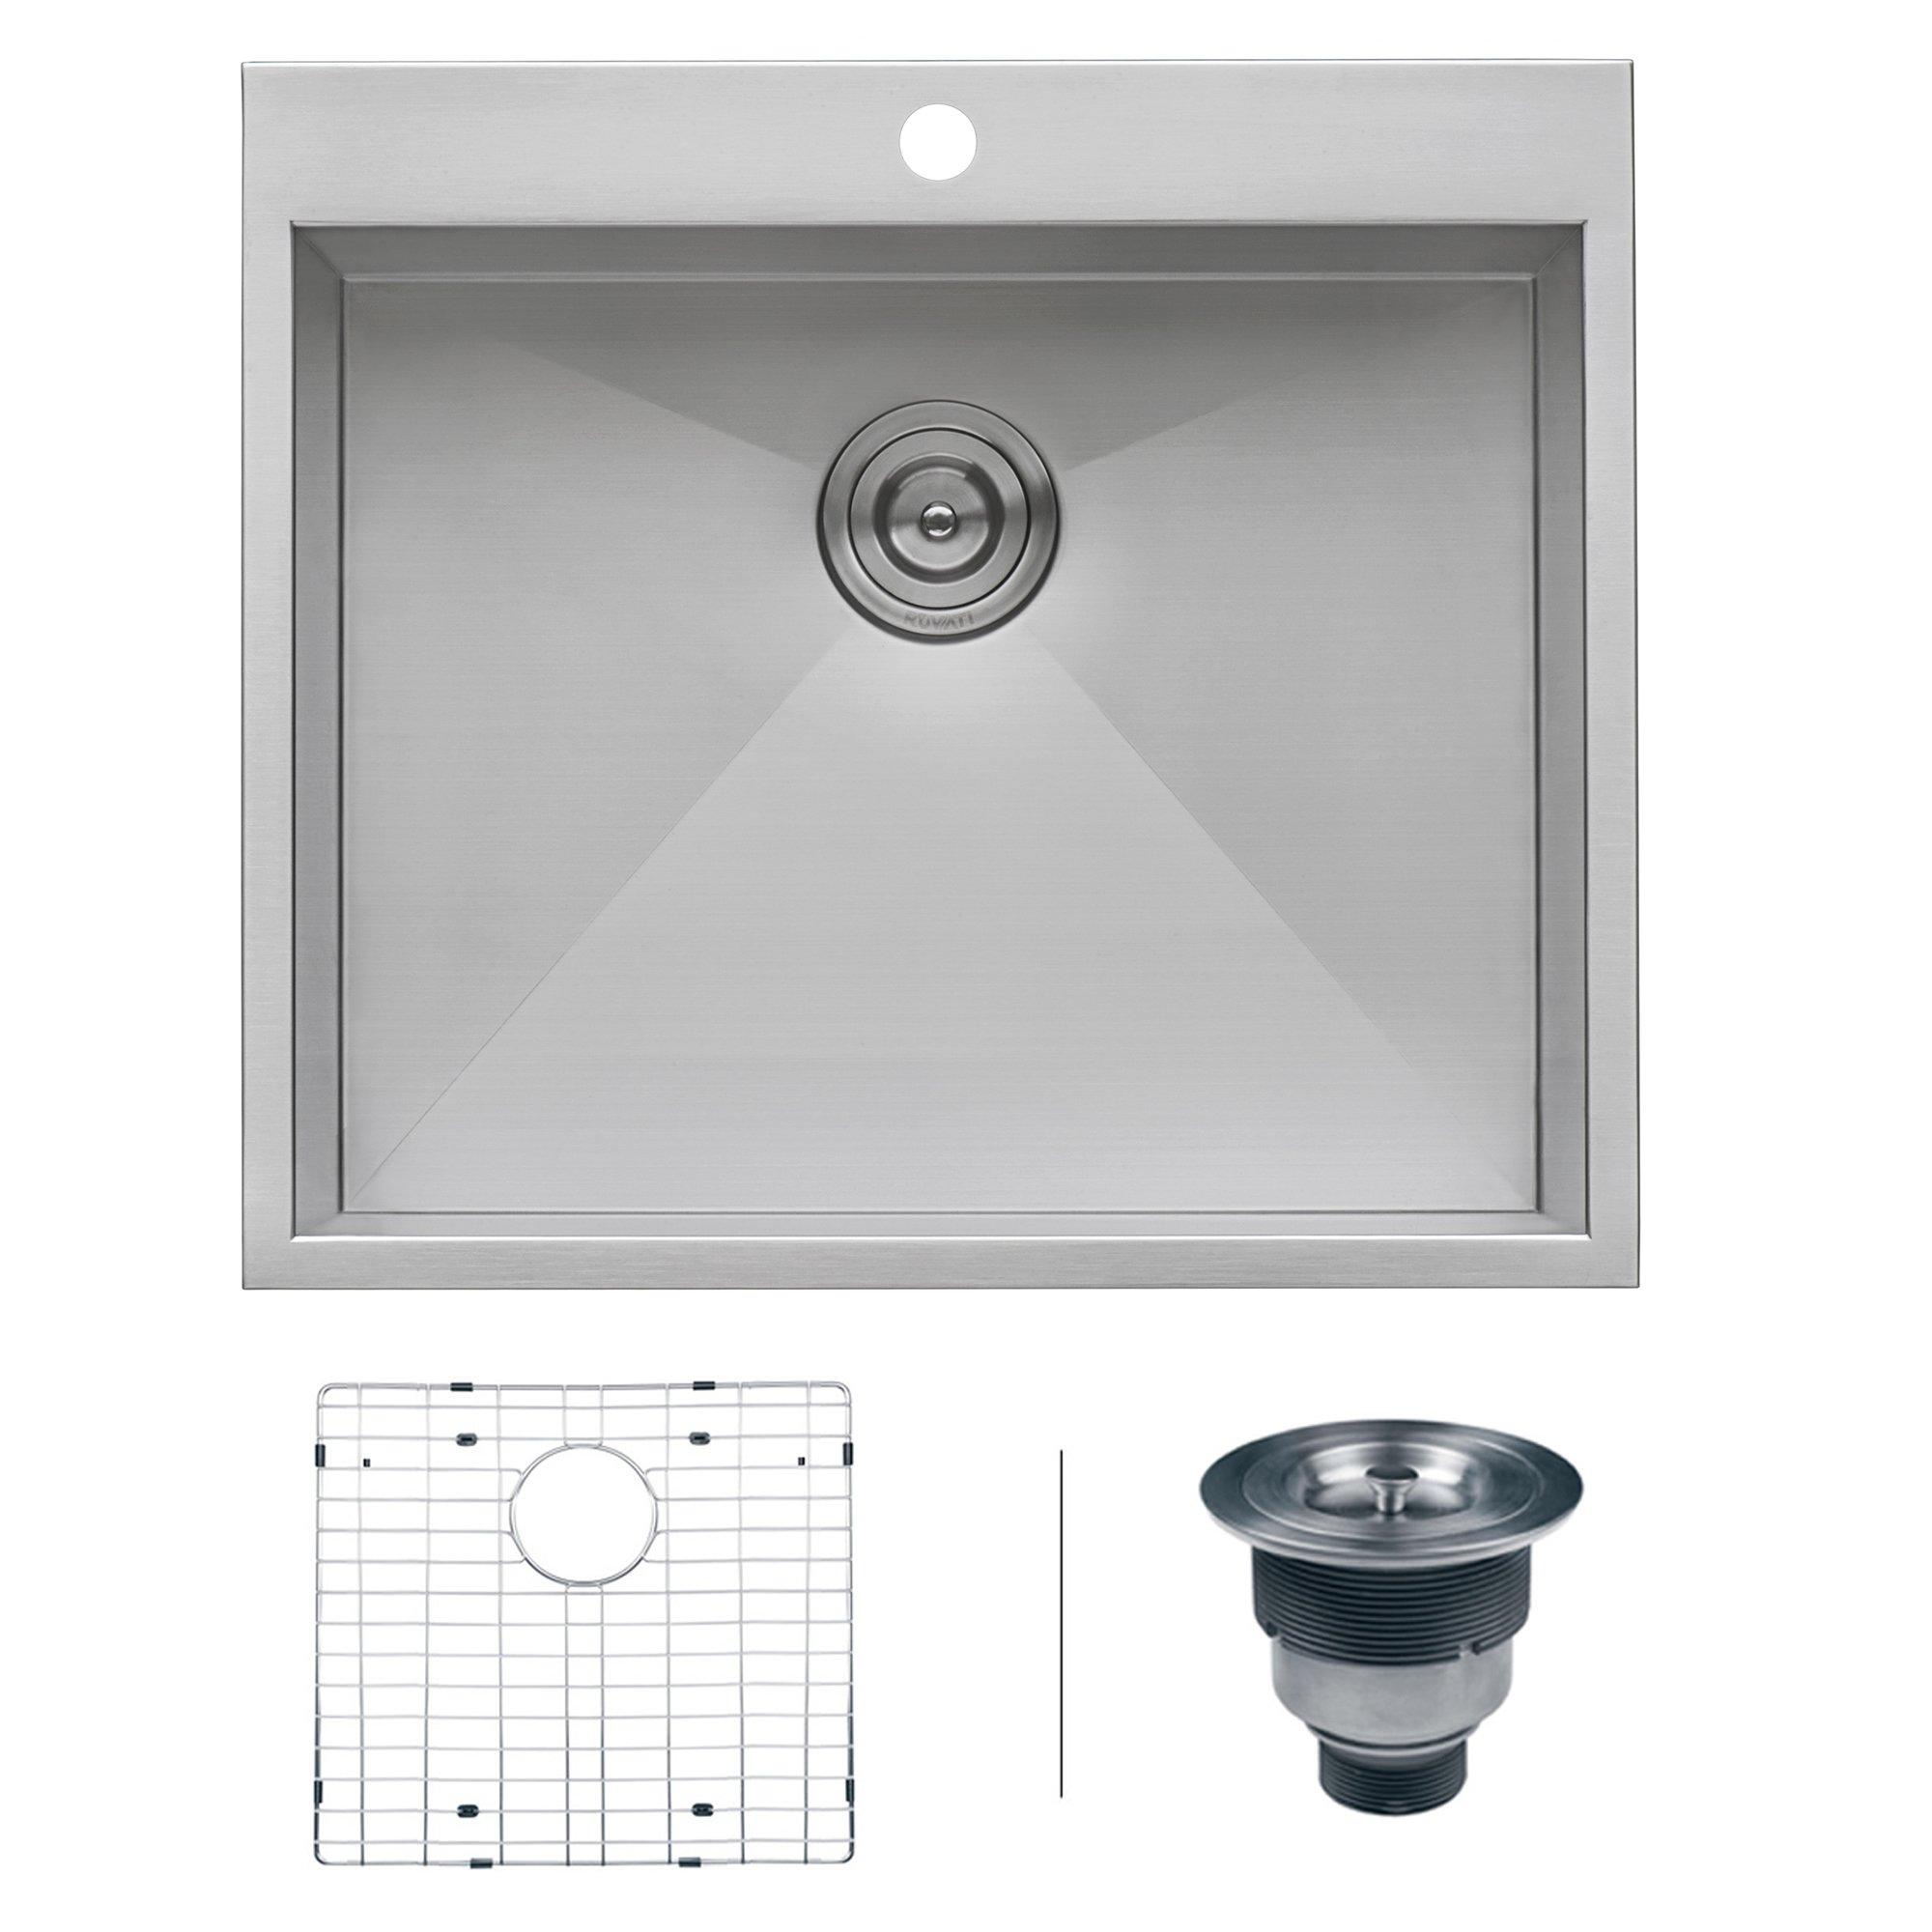 Ruvati RVH8010 Overmount 16 Gauge 25'' Kitchen Sink Single Bowl, Stainless Steel